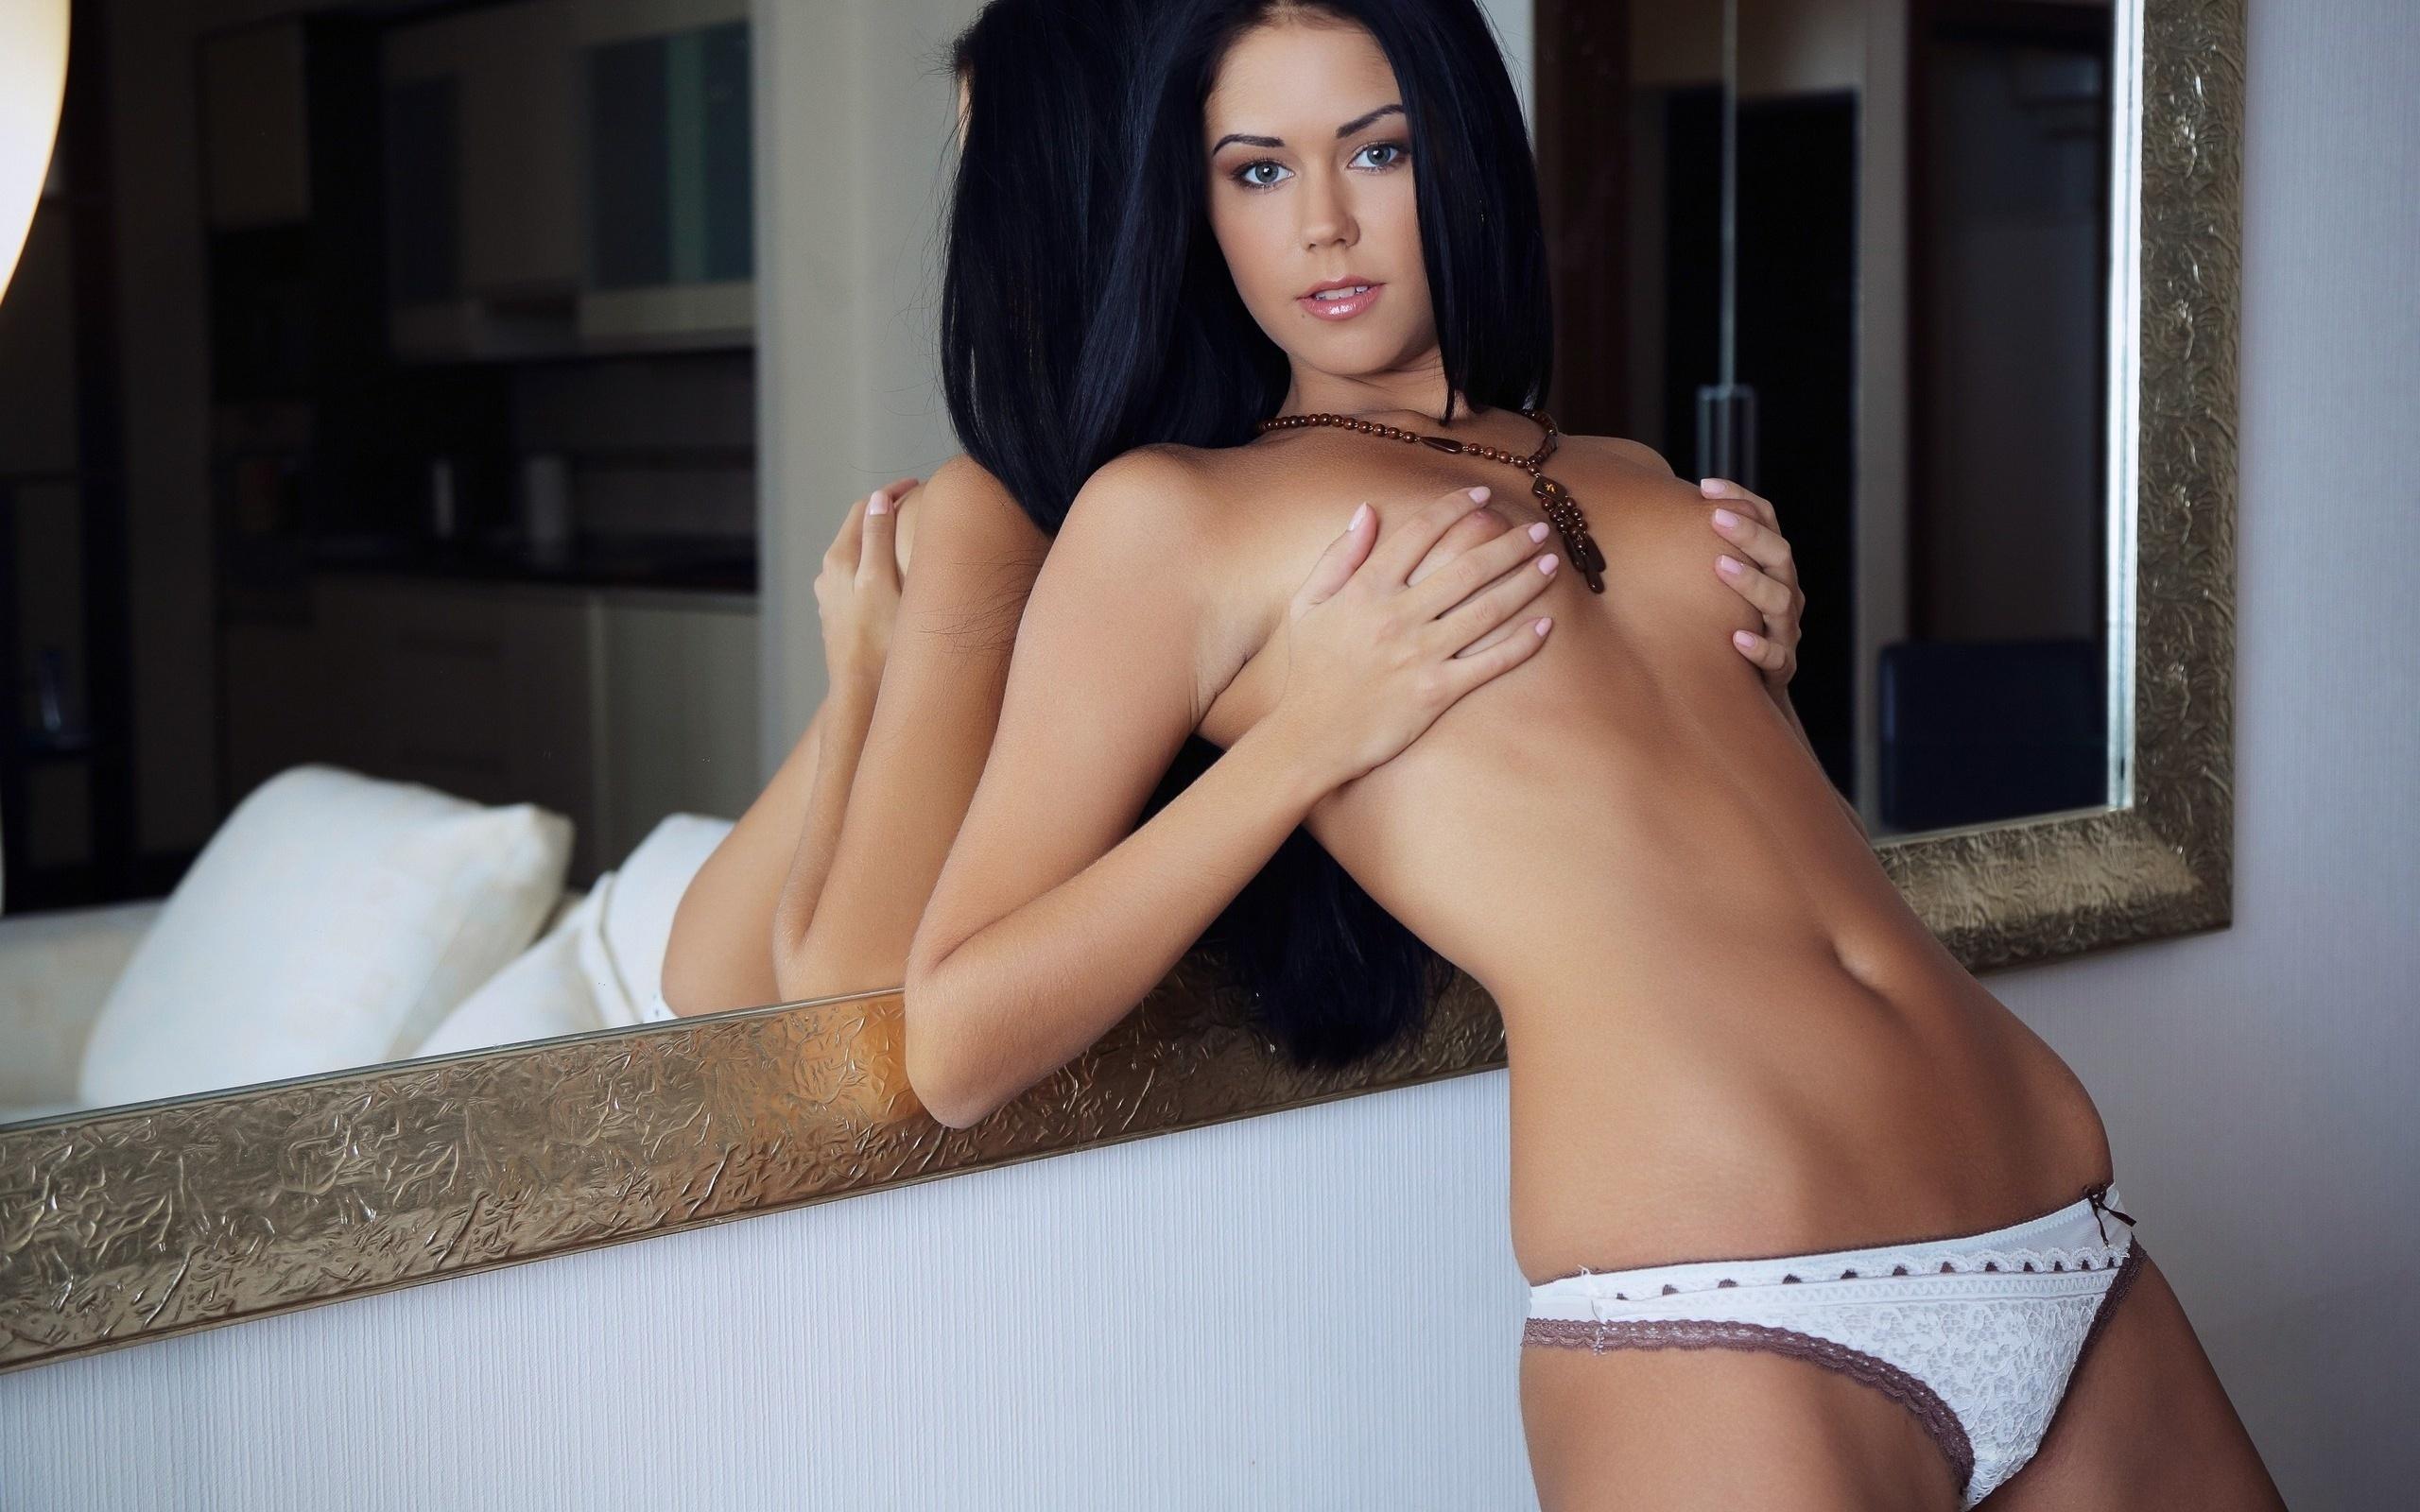 Эротичные брюнетки красивые, Голые брюнетки - фото обнаженных брюнеток 1 фотография